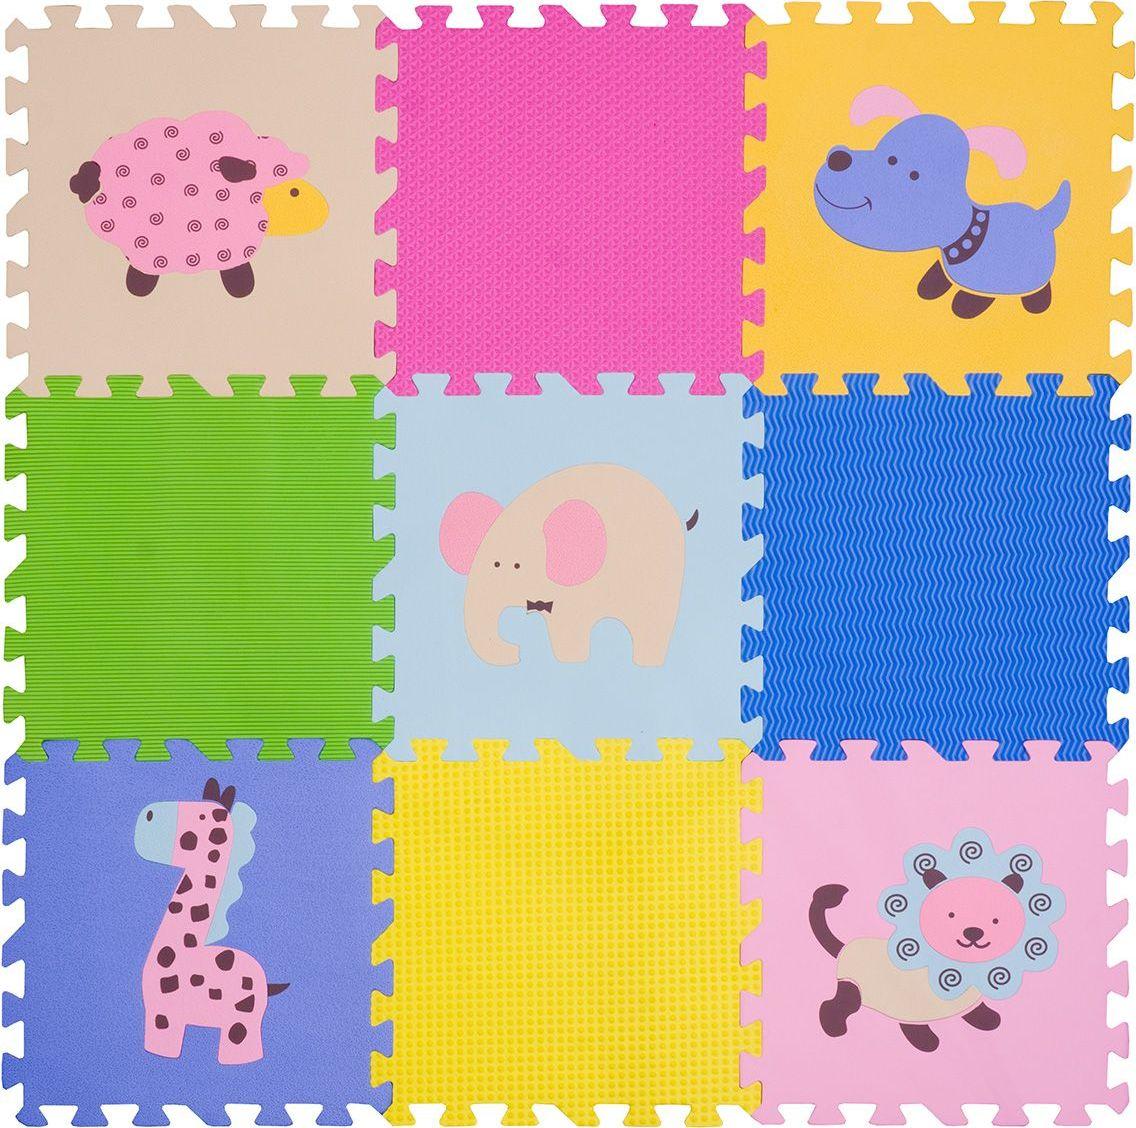 Funkids NT Коврик-пазл с рисунками Окружающий Мир KB-D201B-NT-02